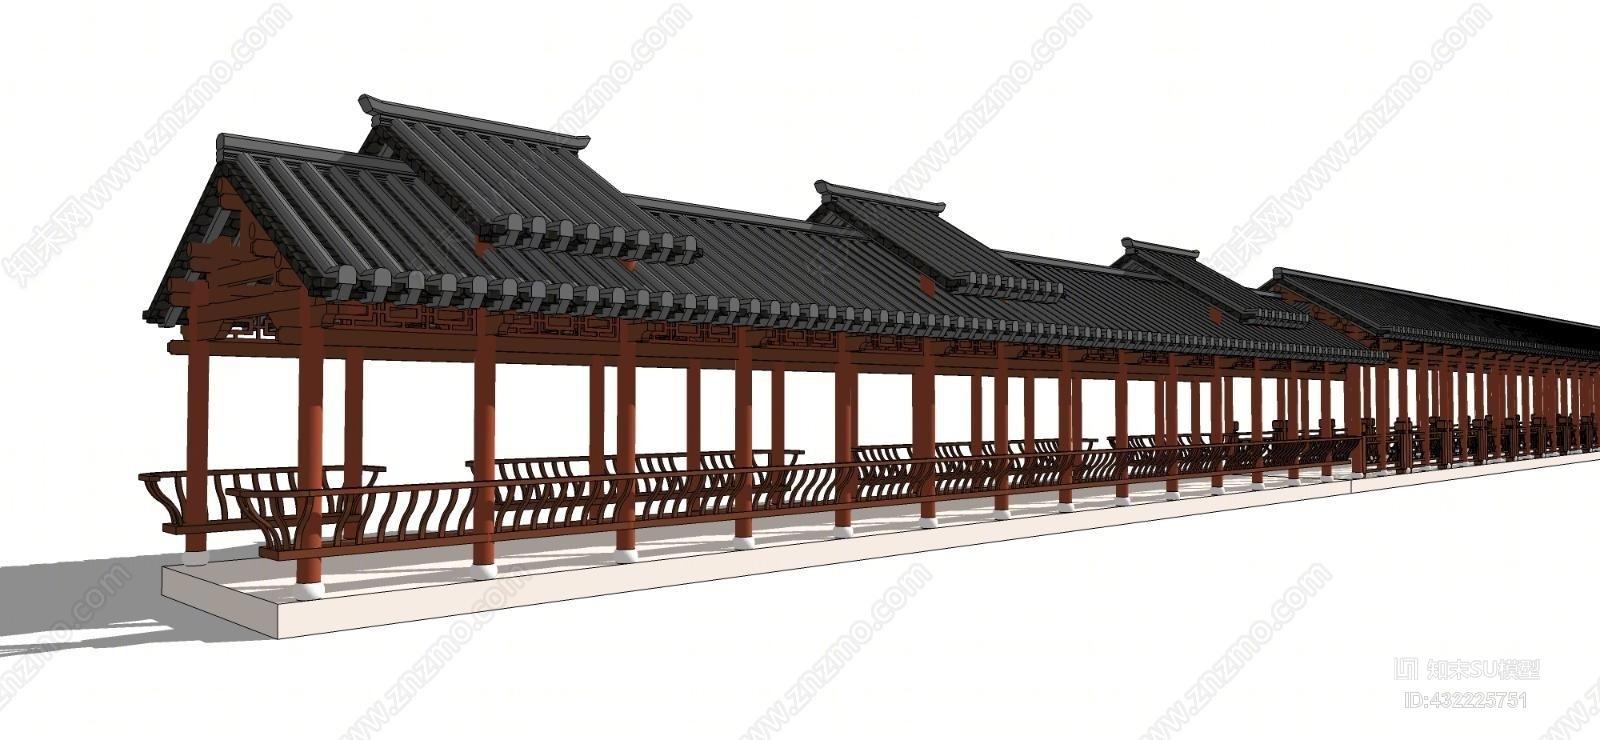 中式景观廊架床 寺庙 室外 楼梯 建筑